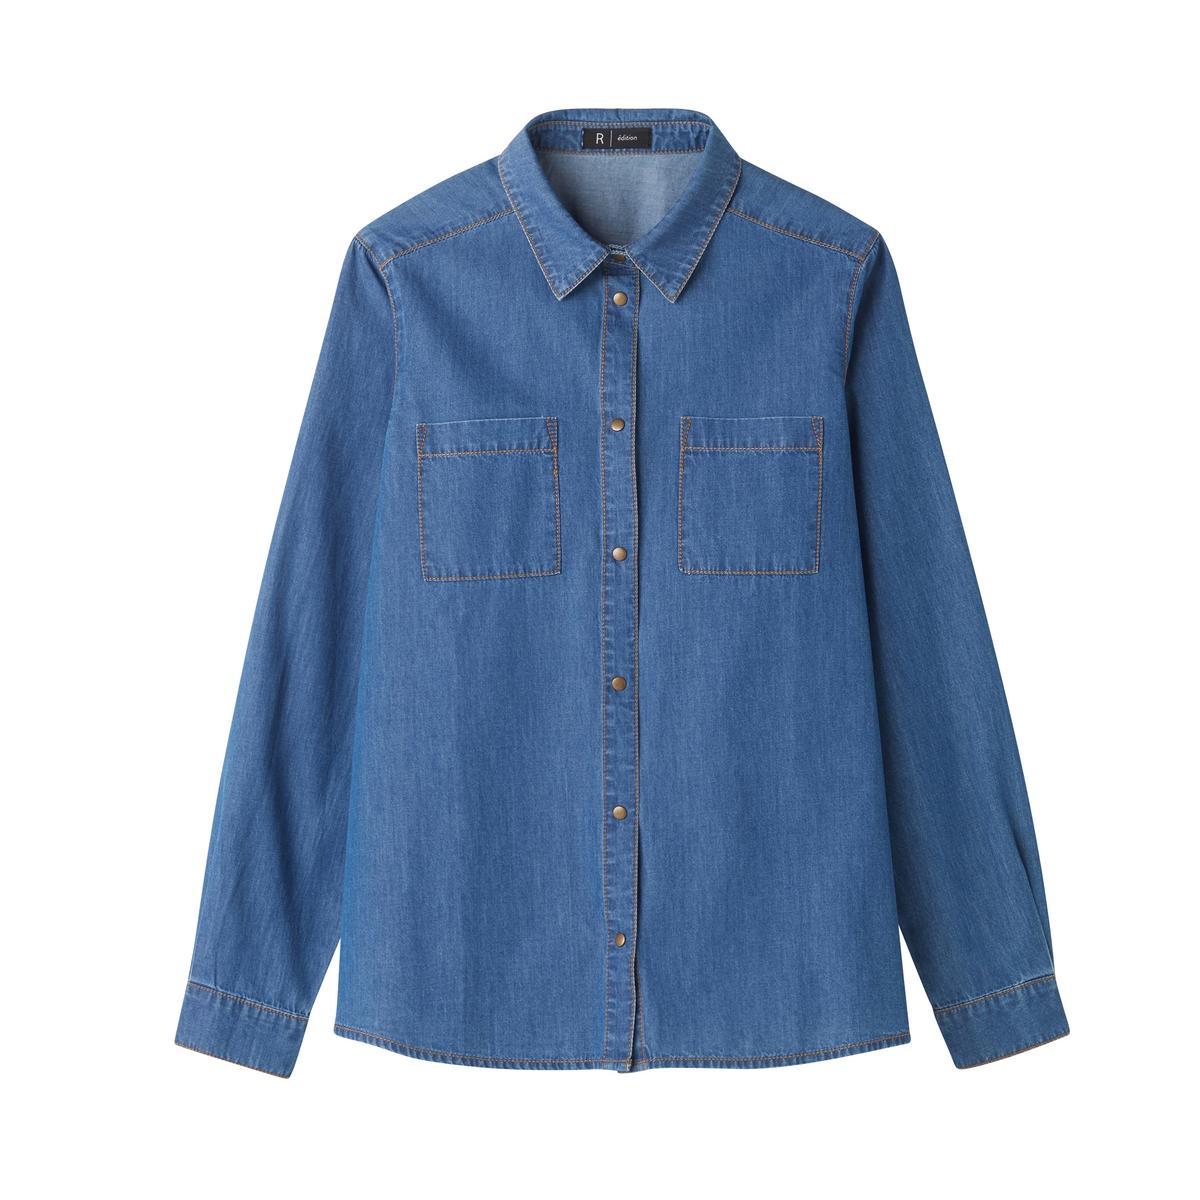 Рубашка с воротником поло и длинными рукавамиДетали •  Длинные рукава •  Прямой покрой •  Воротник-поло, рубашечный •  Кончики воротника на пуговицахСостав и уход •  100% хлопок •  Температура стирки 30°   •  Сухая чистка и отбеливание запрещены •  Не использовать барабанную сушку •  Низкая температура глажки<br><br>Цвет: синий потертый<br>Размер: 52 (FR) - 58 (RUS).50 (FR) - 56 (RUS).46 (FR) - 52 (RUS).40 (FR) - 46 (RUS).38 (FR) - 44 (RUS).36 (FR) - 42 (RUS)